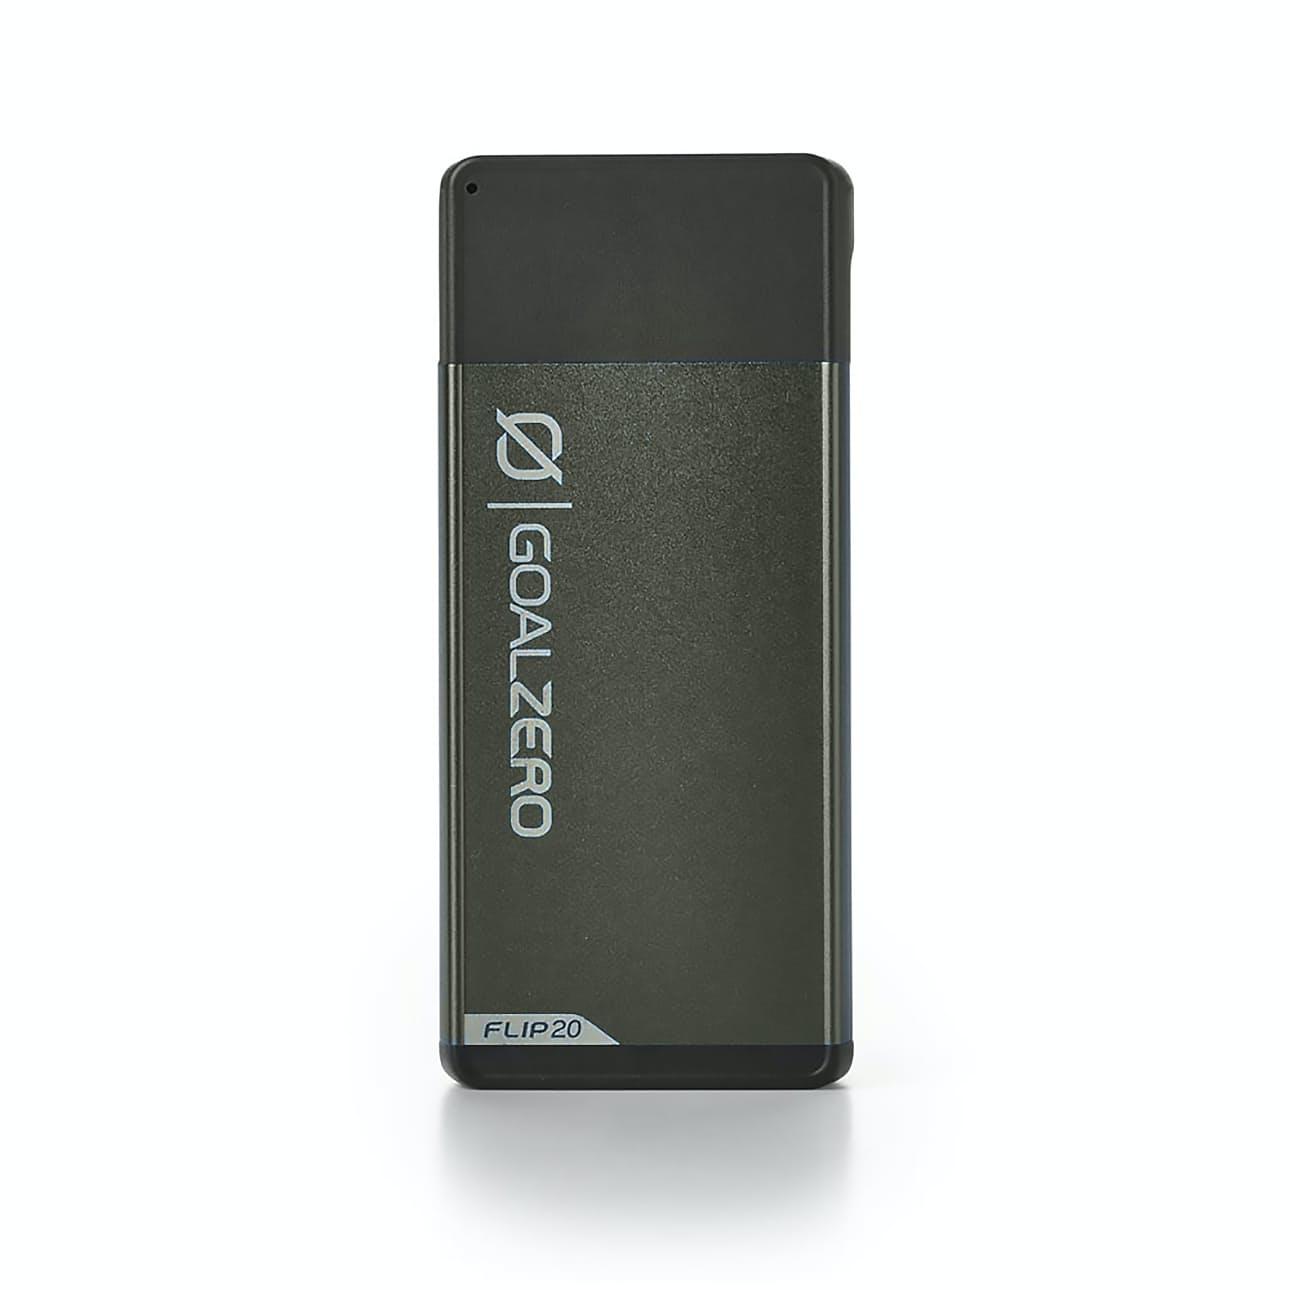 Q1outgchog goal zero flip 20 recharger 0 original